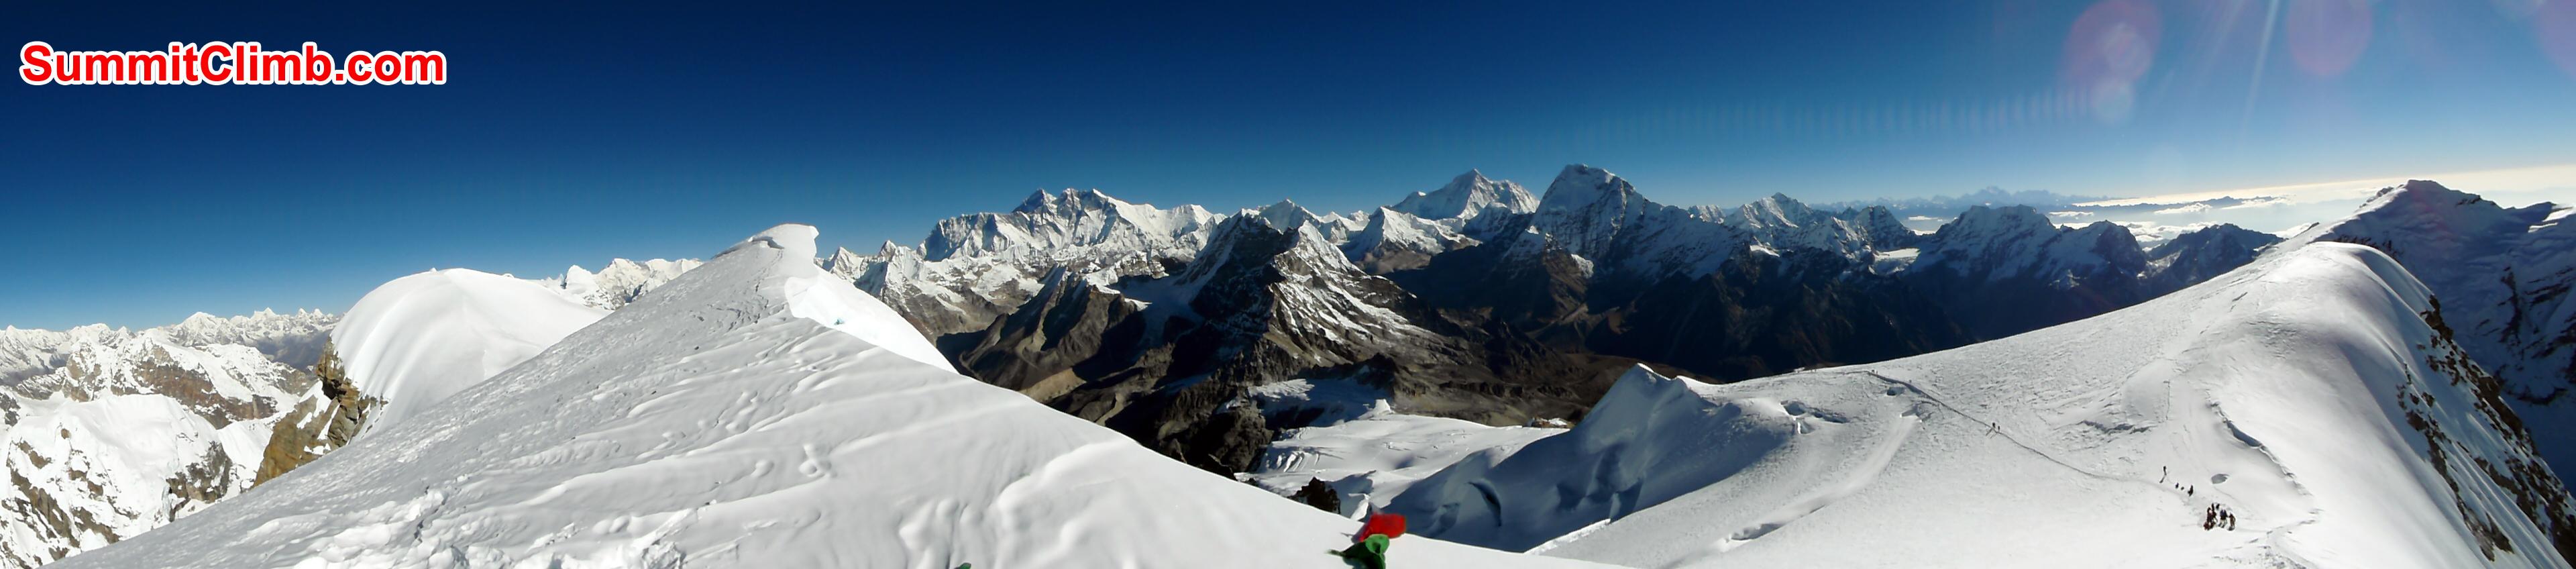 Panaromic view from Mera Peak Summit